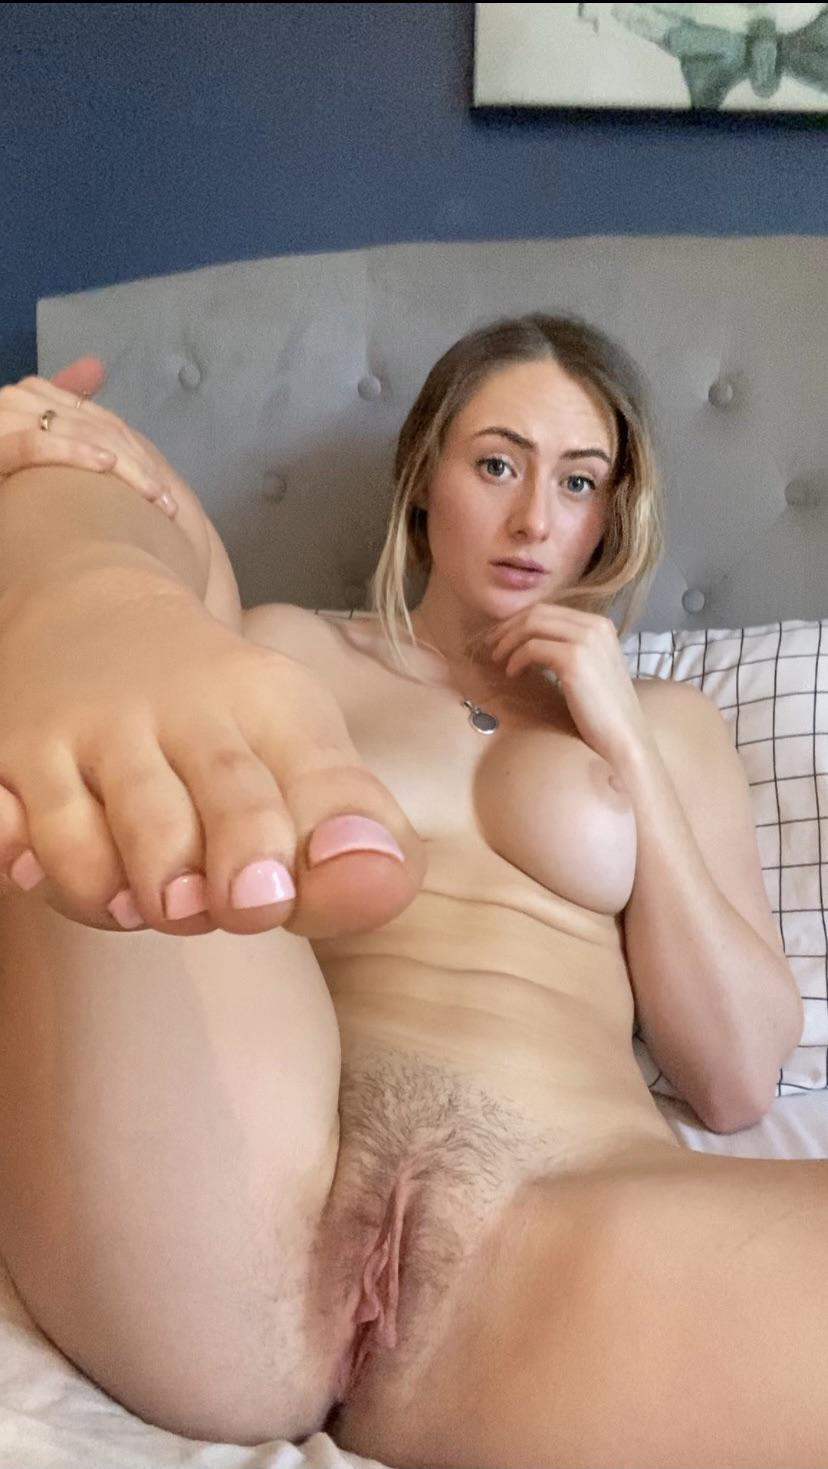 Puritanas y Guarras calientes XXX Chicas amateurs de las más guarras fotos porno gratis.